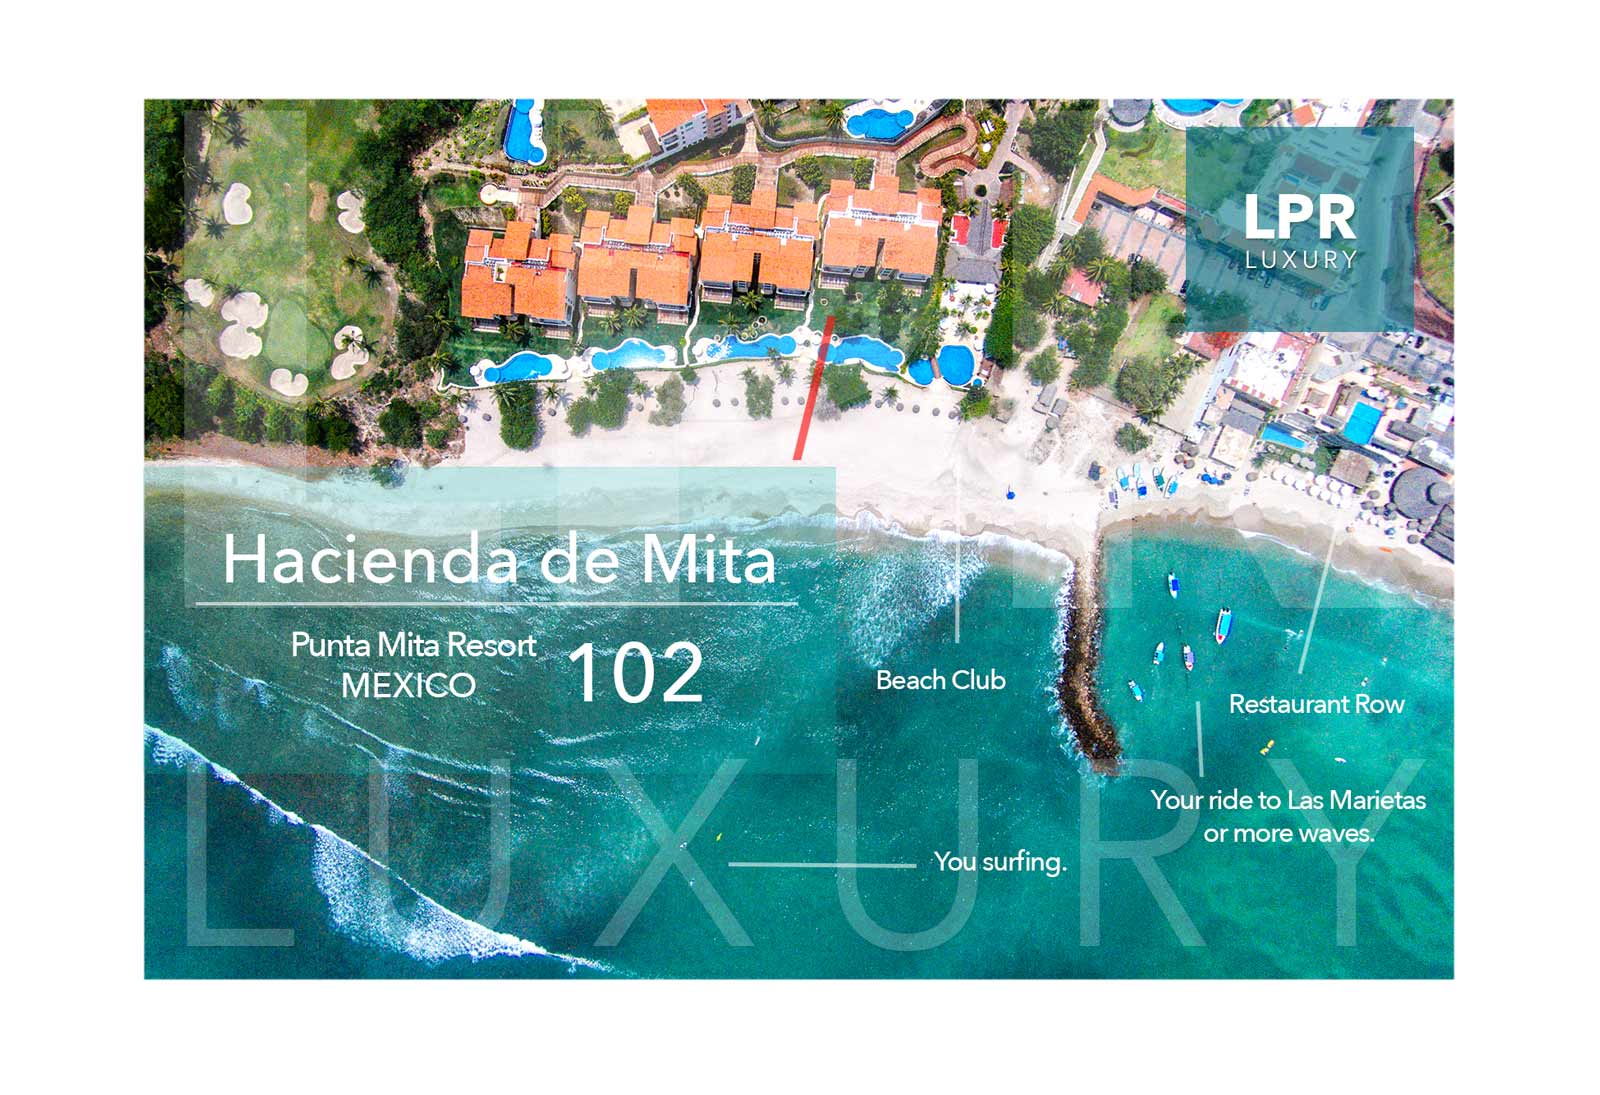 Hacienda de Mita 102 - Luxury Punta Mita Resort condo fro sale and rent - Riviera Nayarit, Mexico